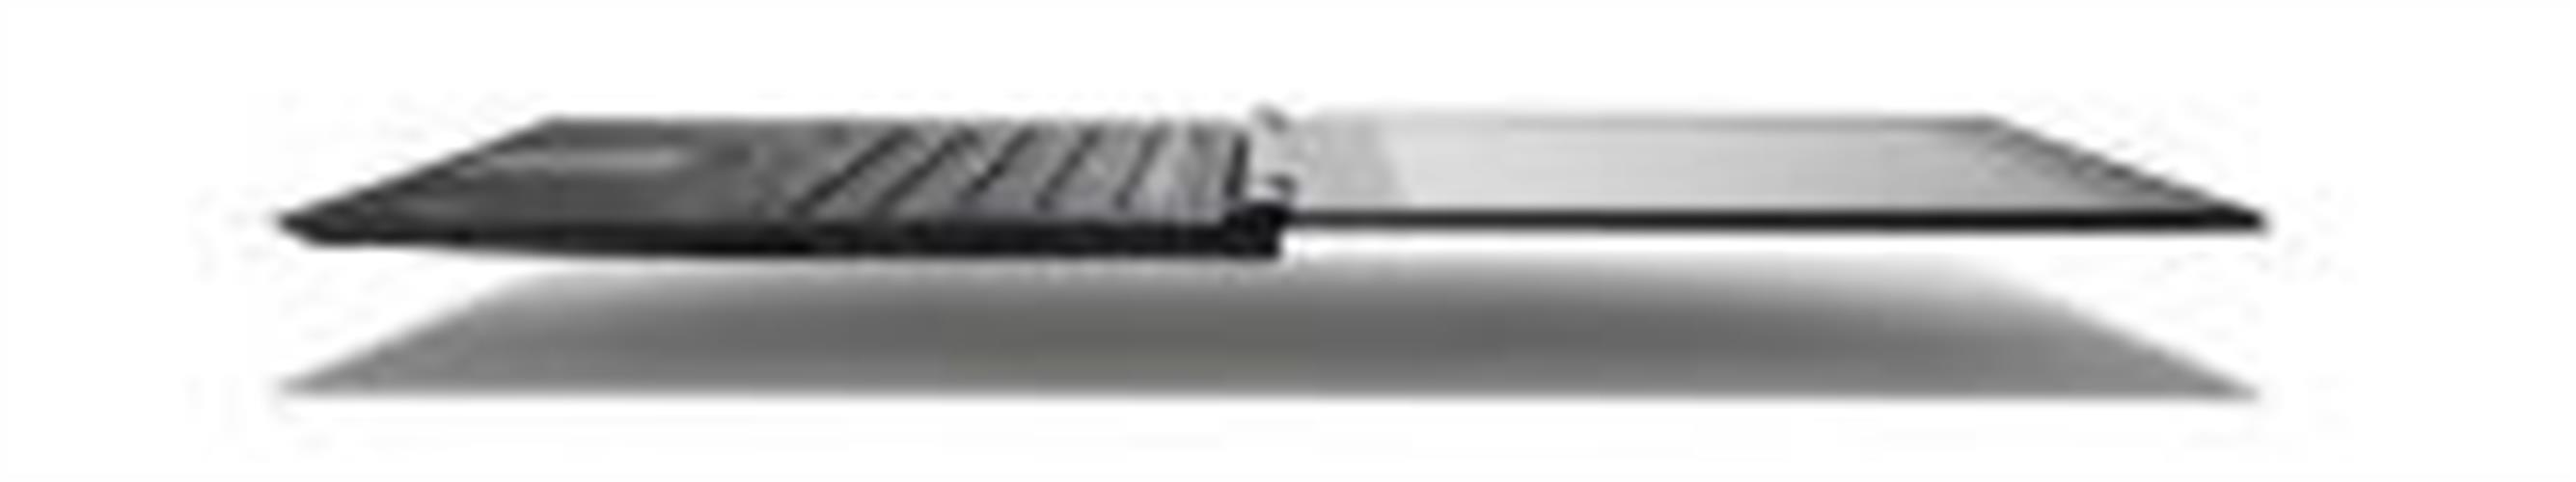 מחשב נייד Lenovo ThinkPad X1 6th generation Carbon 20KH003BIV לנובו